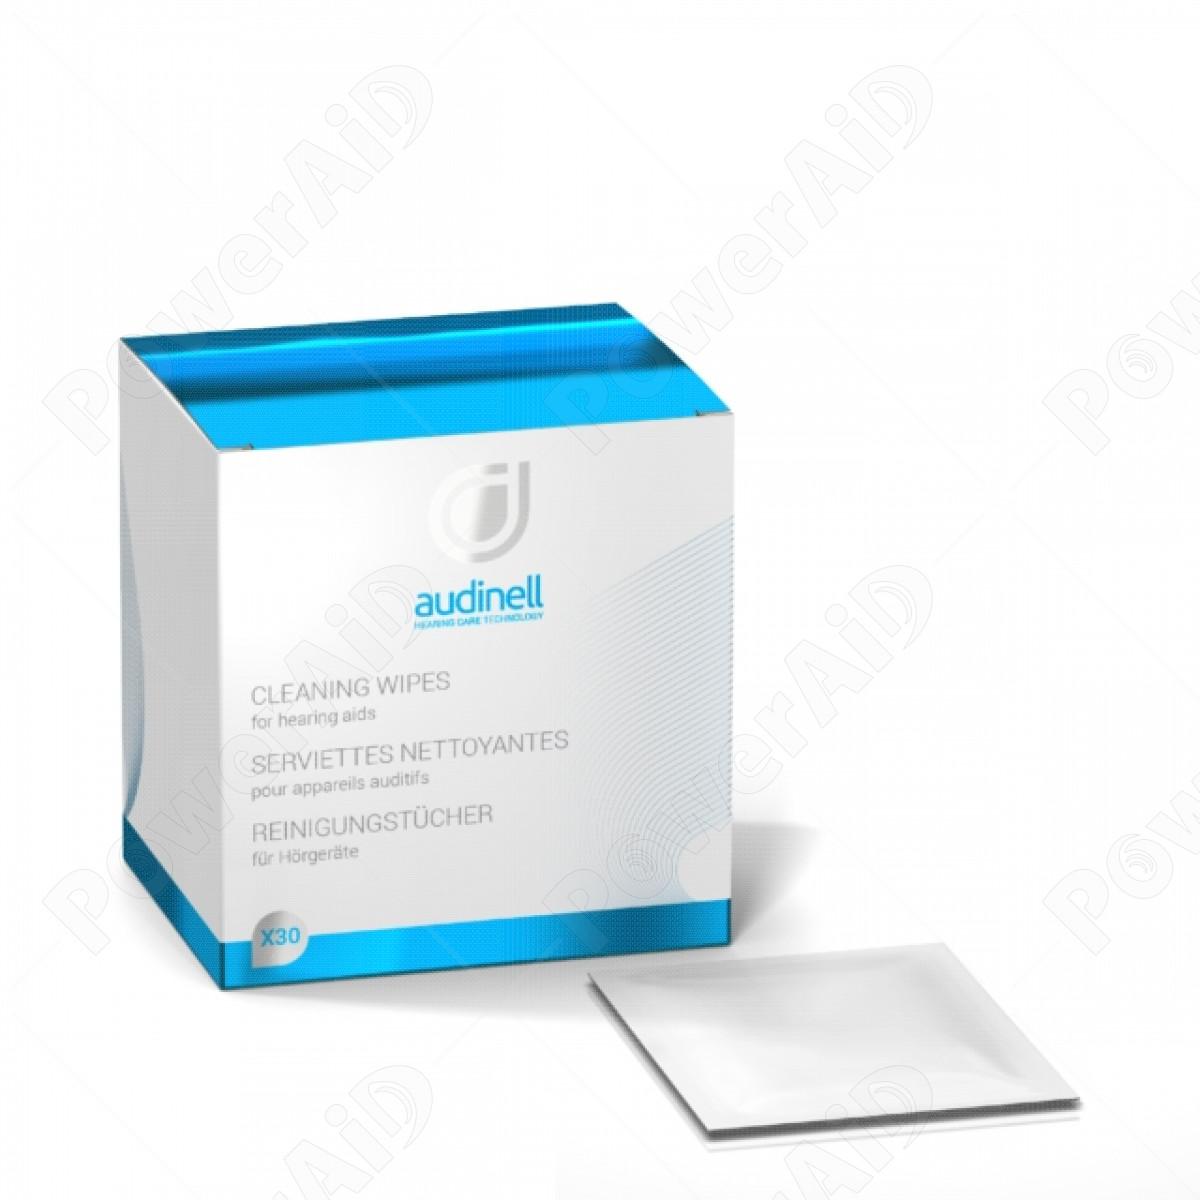 Audinell - 30 Singole salviettine detergenti